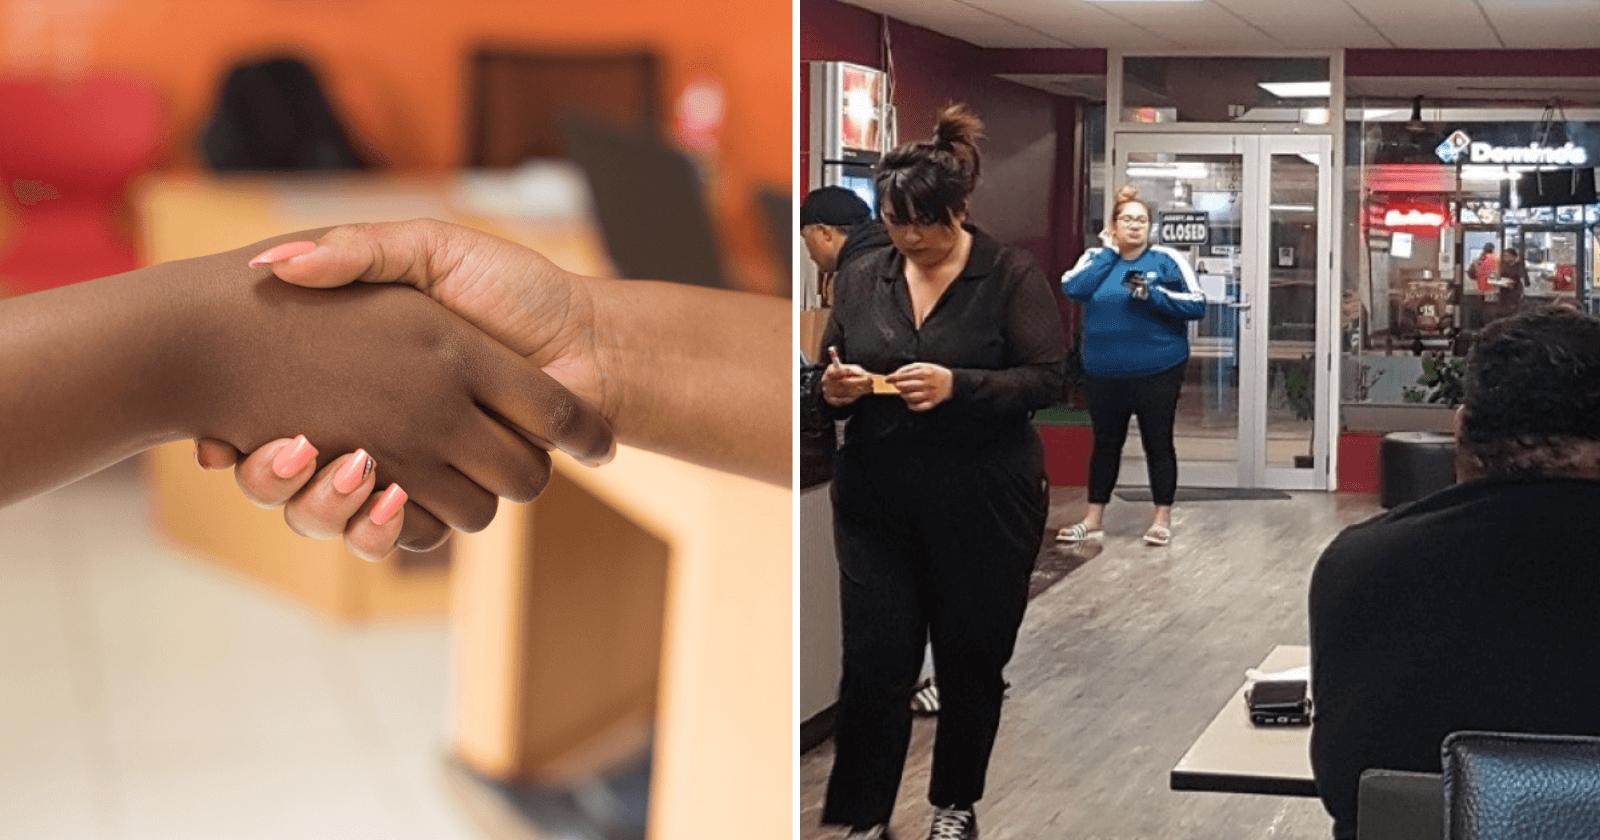 Chef de restaurante que trabalhava sozinho recebe surpresa acolhedora de próprios clientes